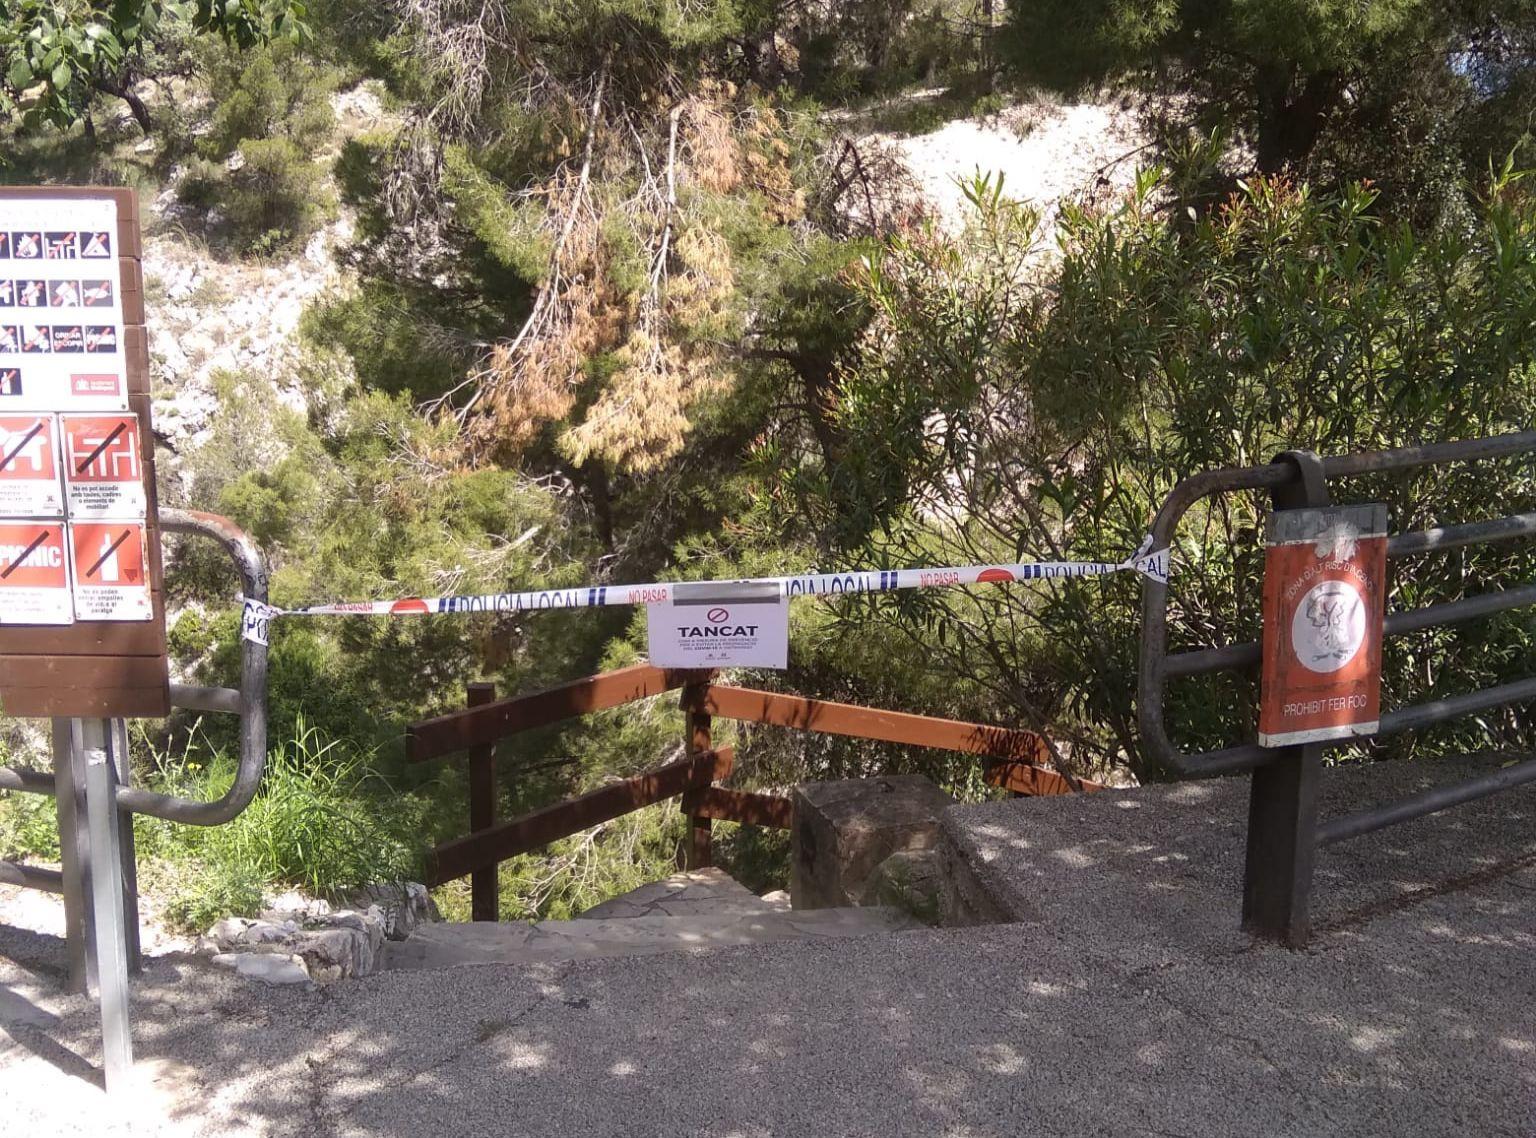 Ontinyent mantindrà tancat els pàrkings d'accés al Pou Clar durant tot l'estiu